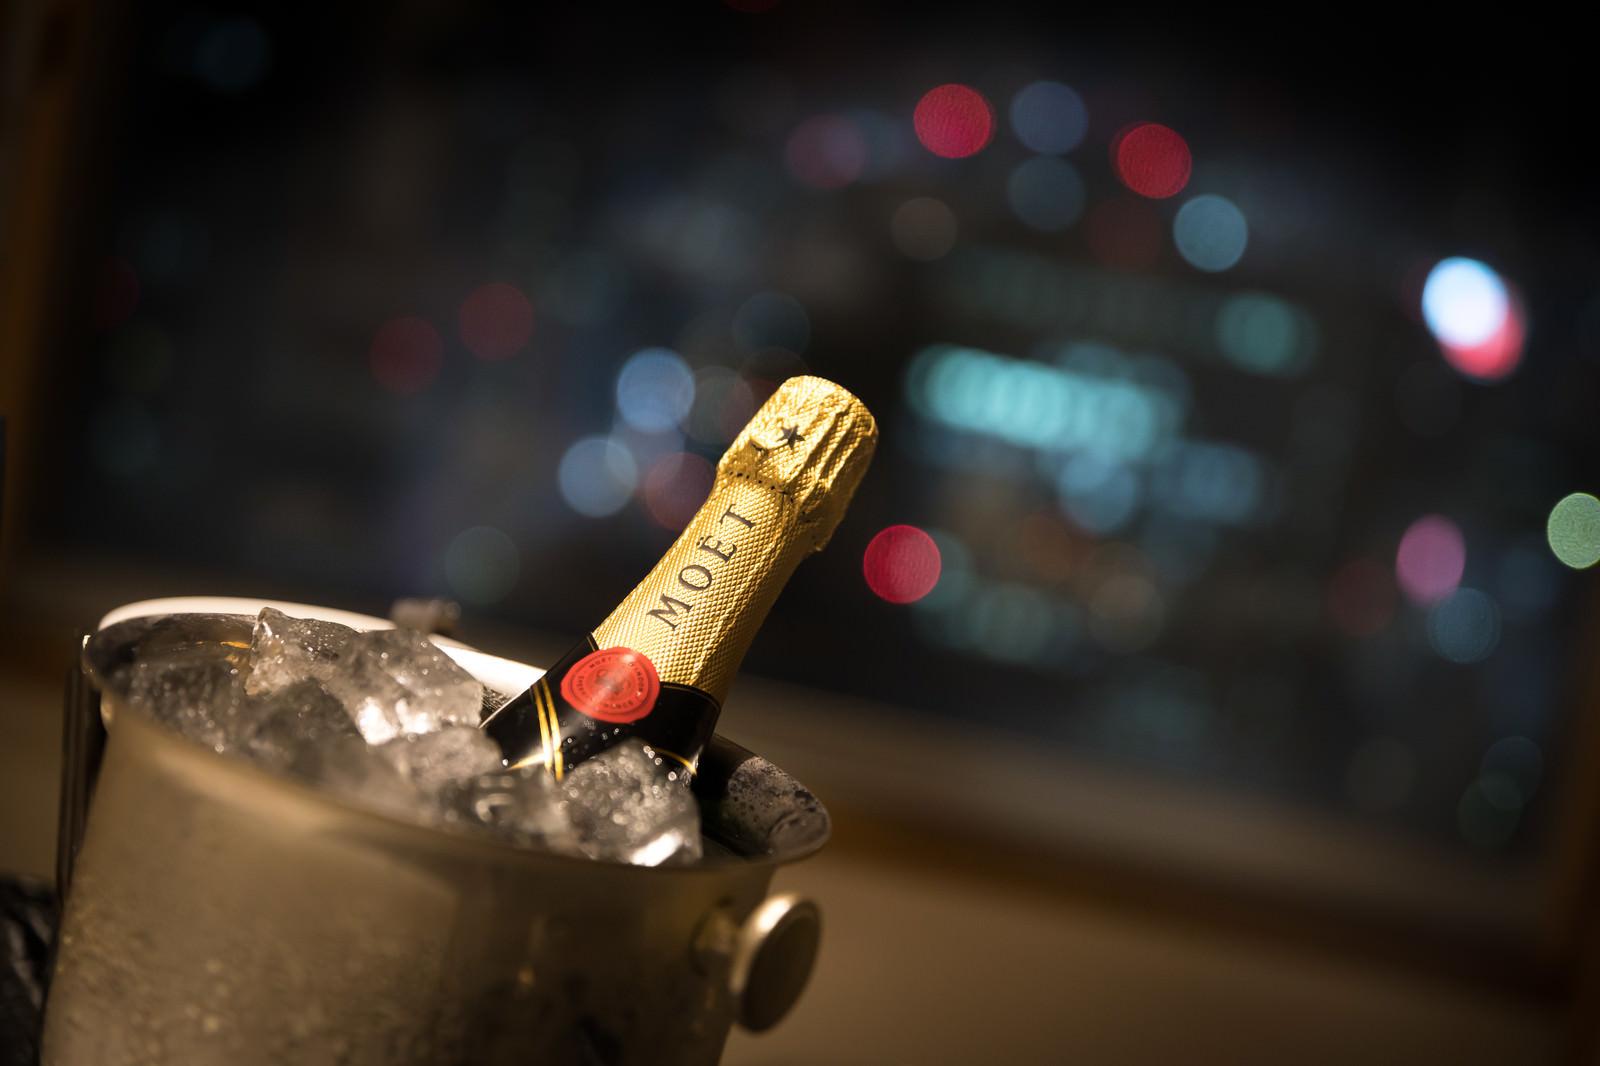 「シャンパンと夜景の丸ボケシャンパンと夜景の丸ボケ」のフリー写真素材を拡大